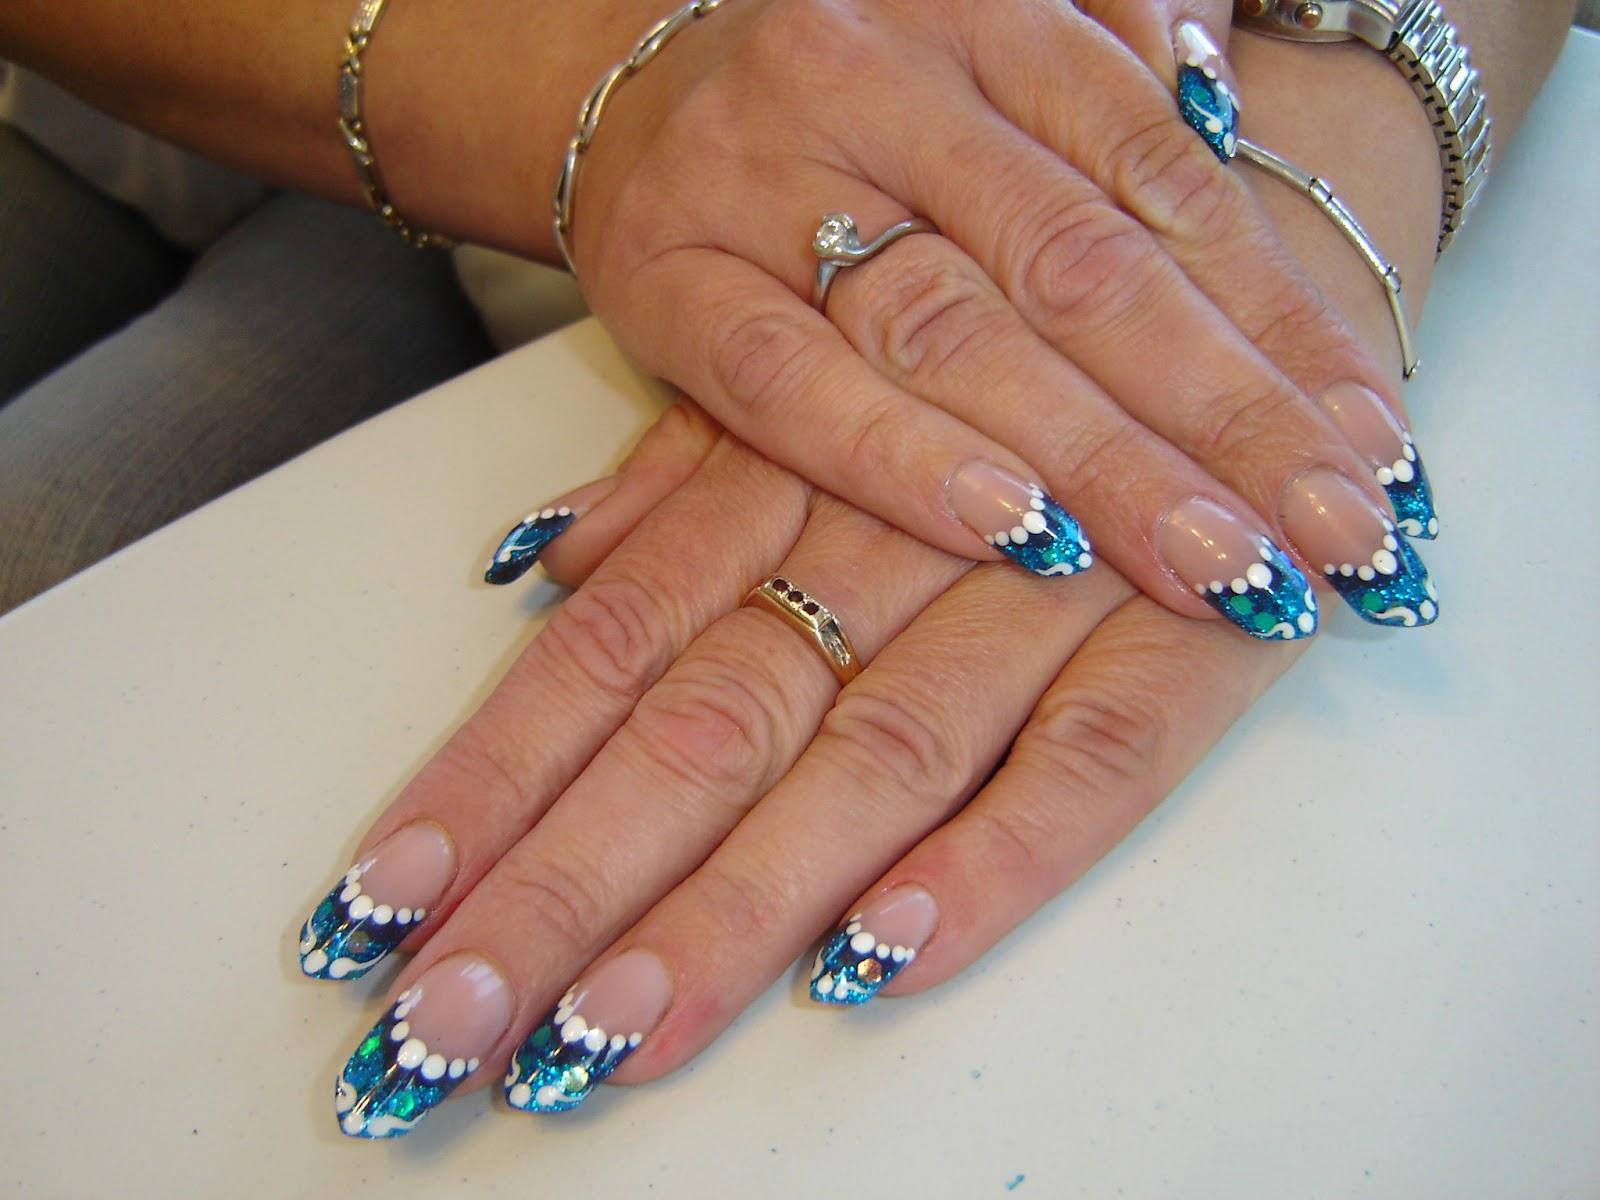 1920 nail art images nail art and nail design ideas 1920 nail art image collections nail art and nail design ideas 1920 nail art nails gallery prinsesfo Choice Image